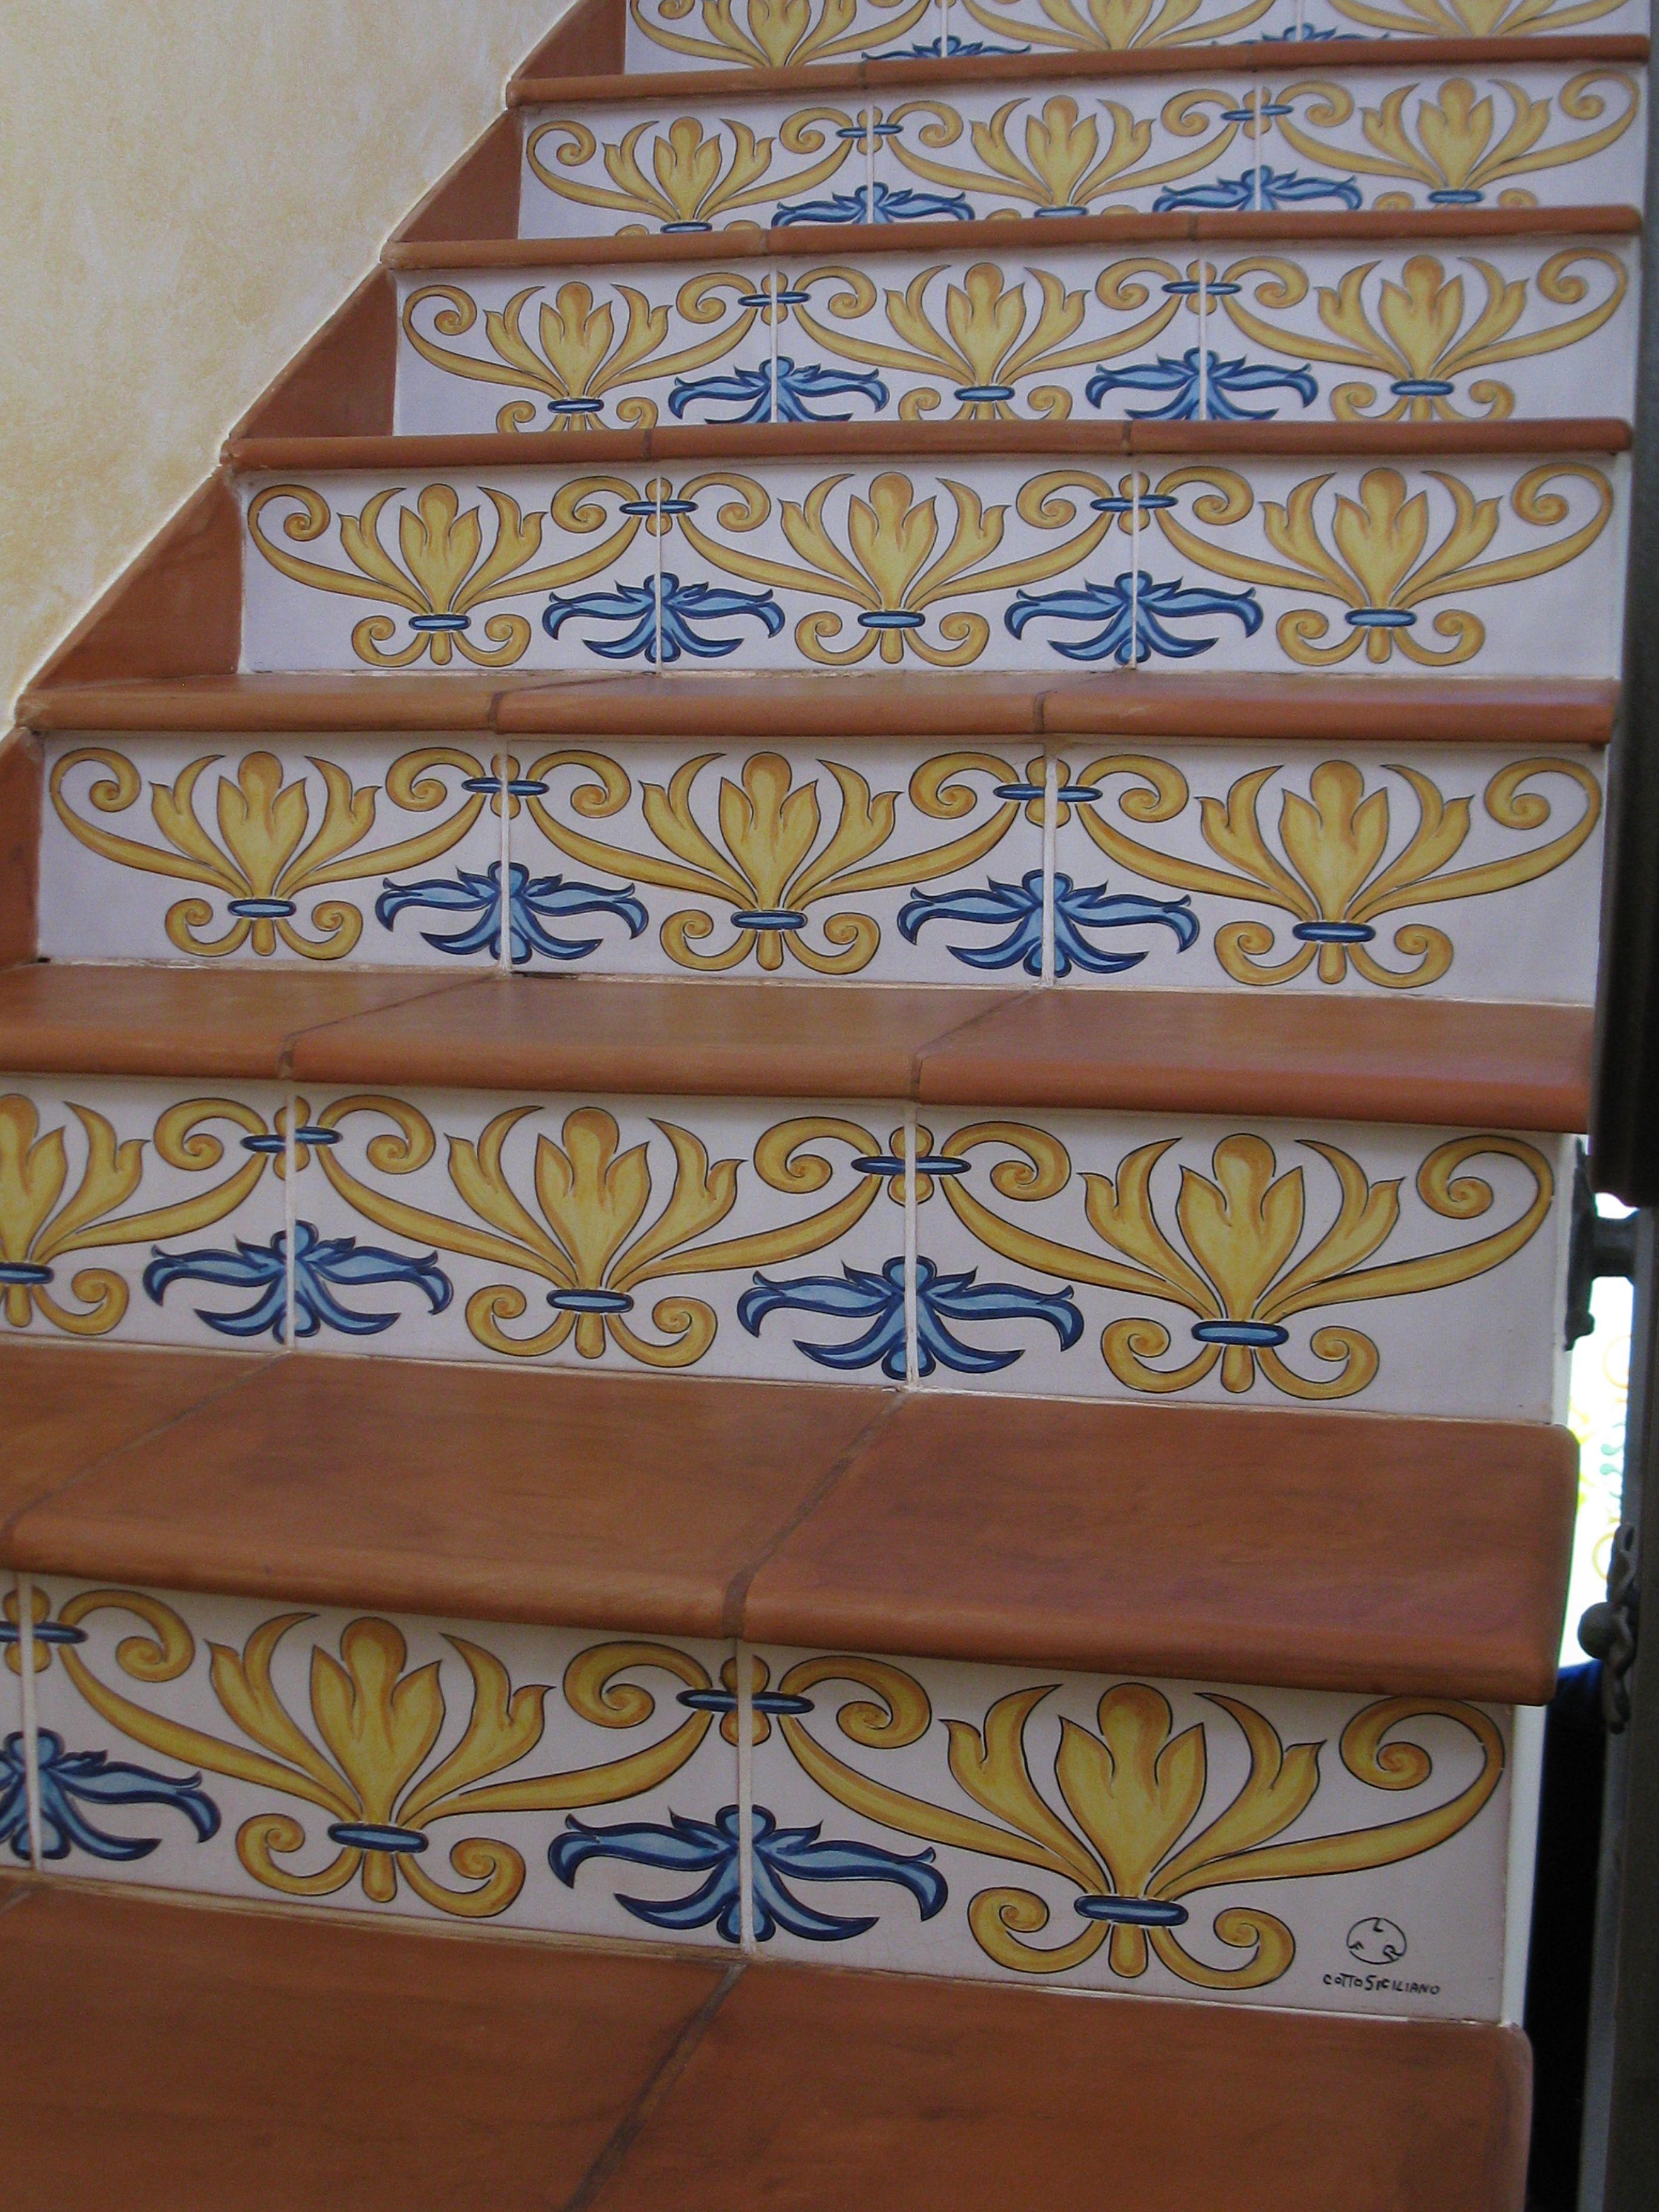 La fauci cotto siciliano scalaincotto scaladecorata - Scale in ceramica ...